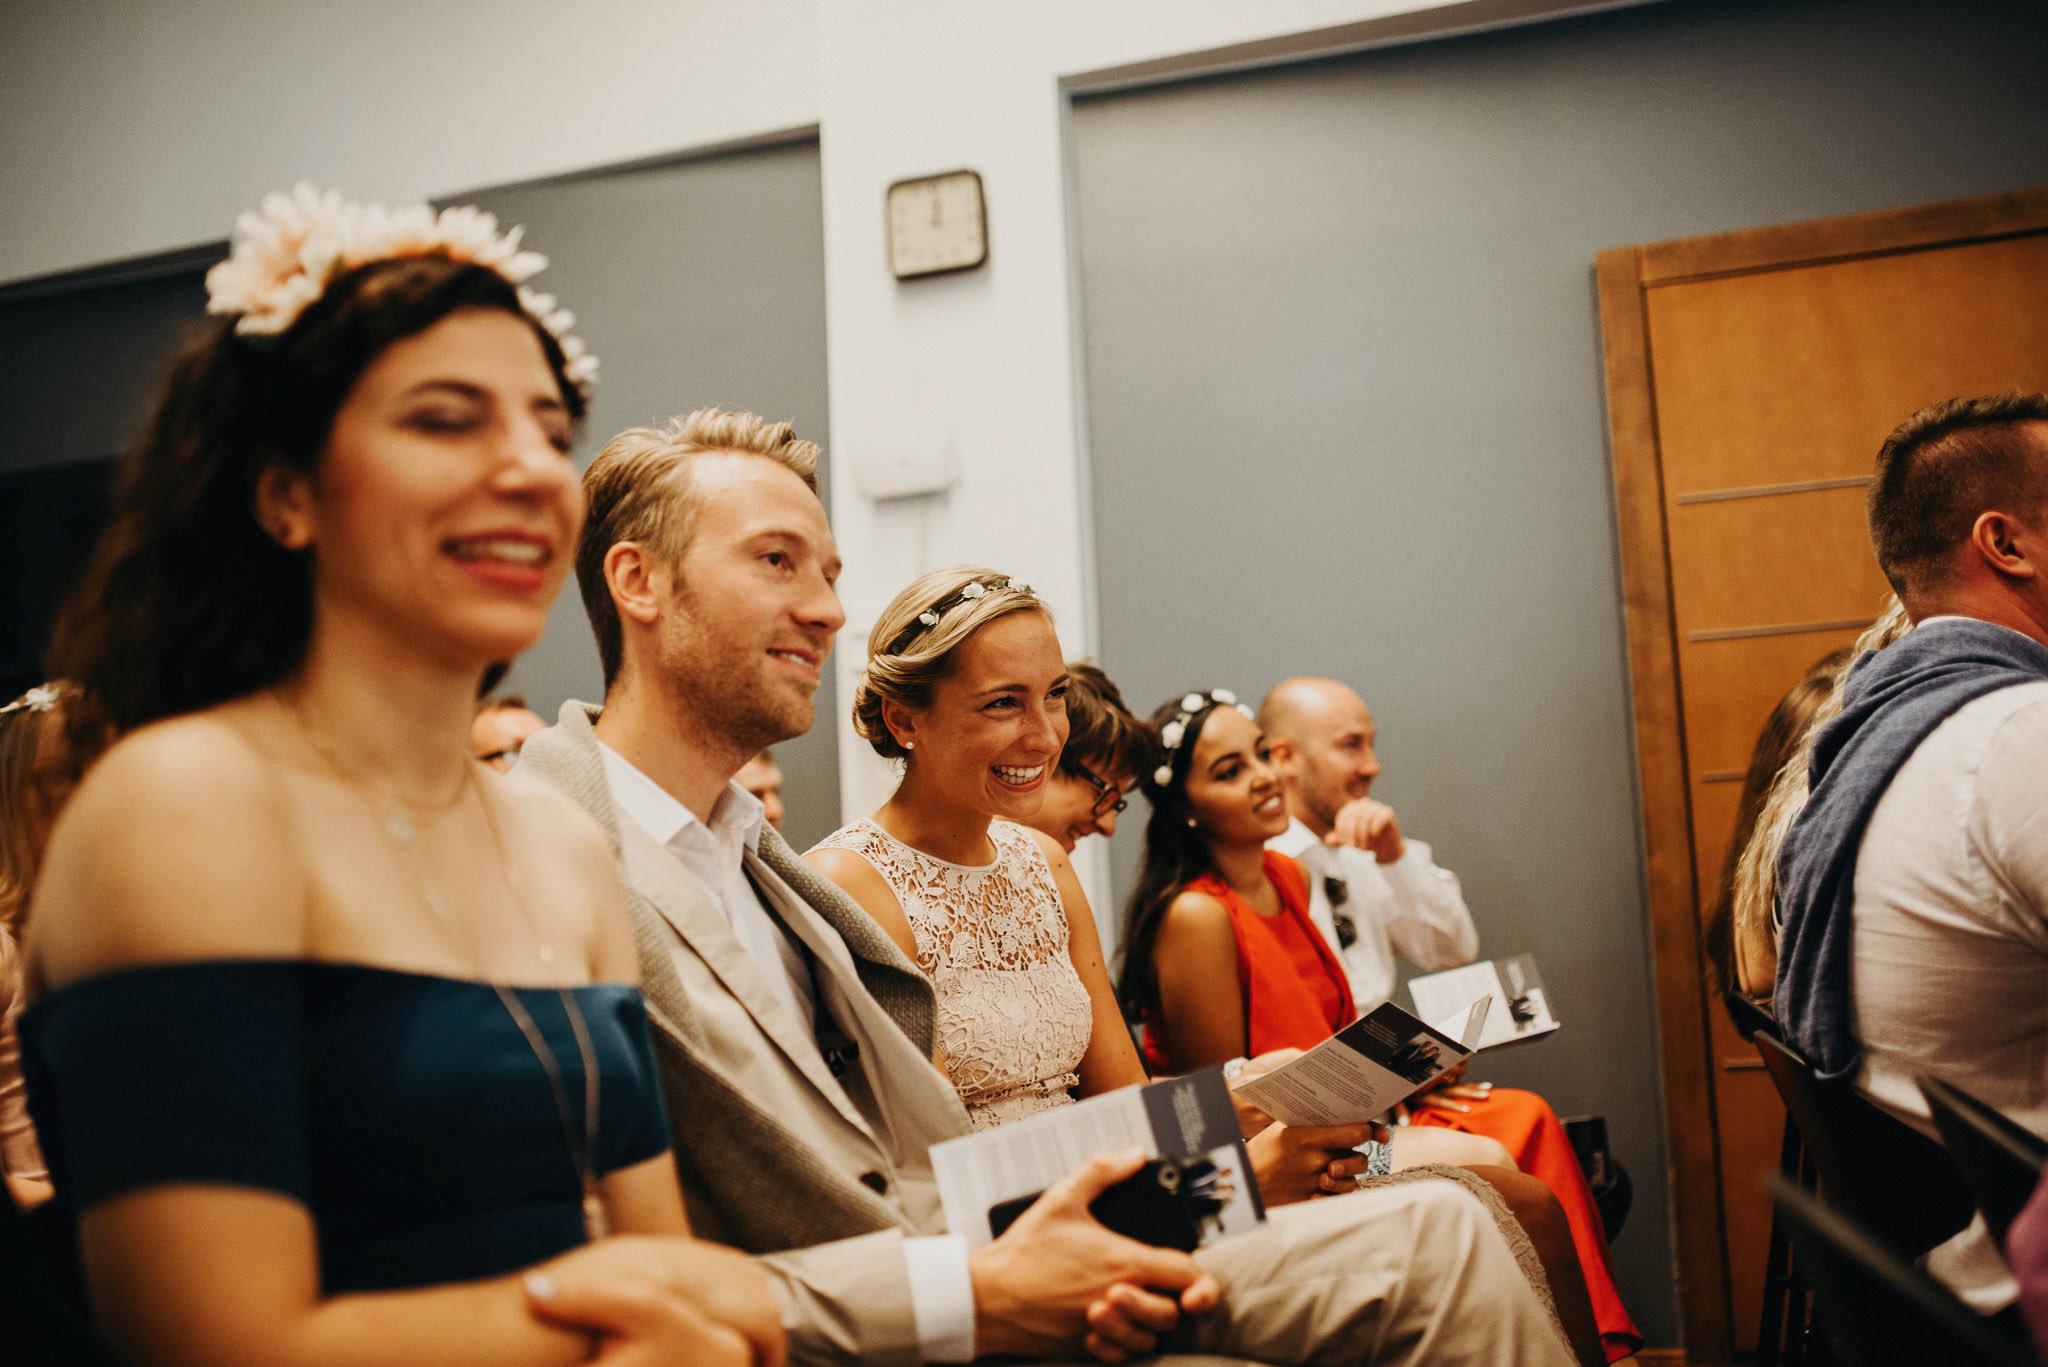 jere-satamo-ruissalo-haat-samesex-wedding-valokuvaaja-turku-015web.jpg